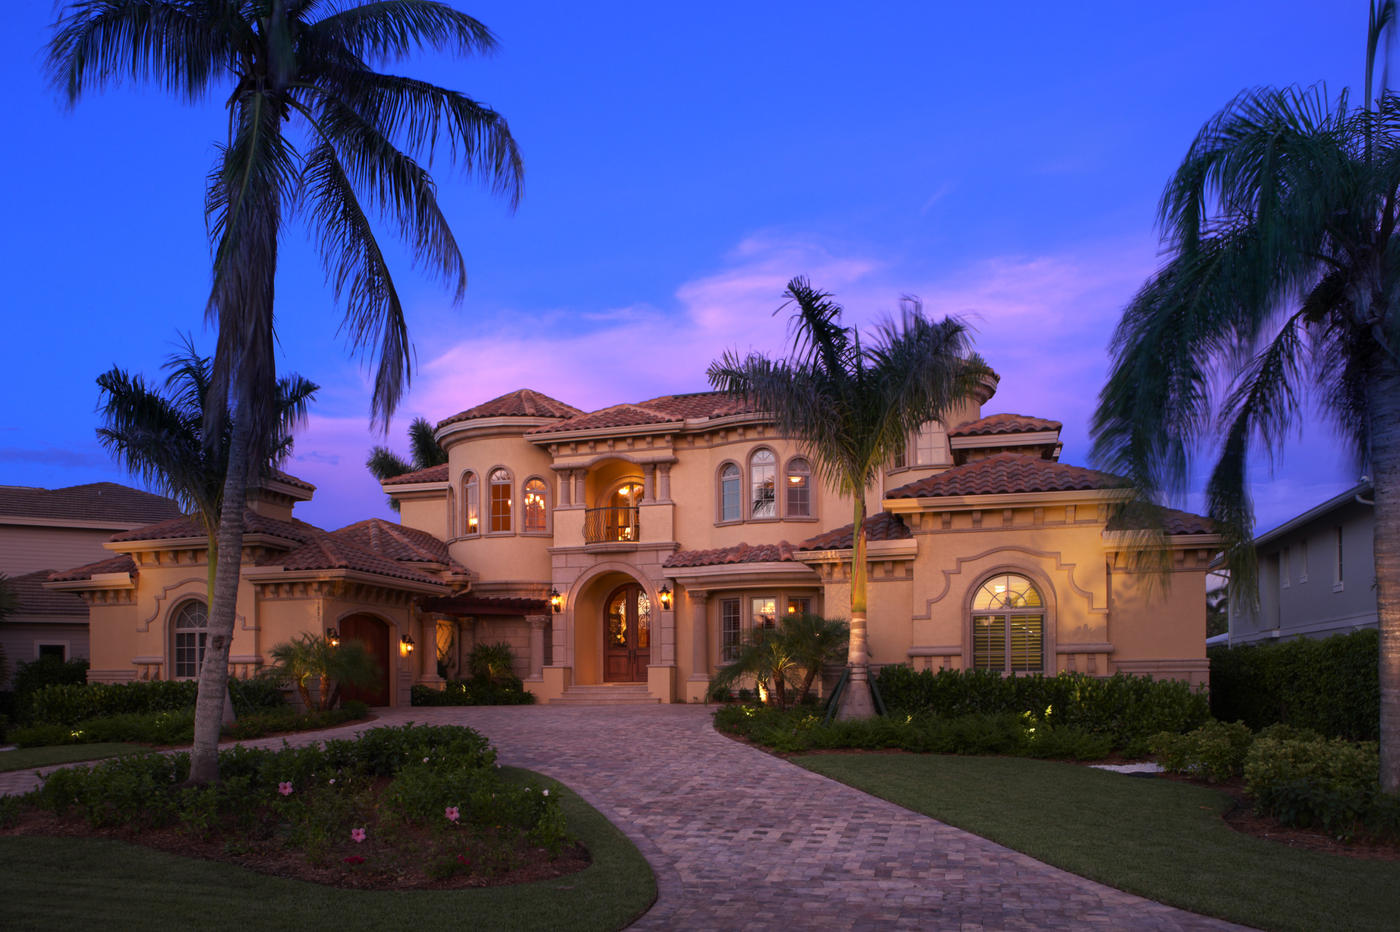 Fullsize Of Mediterranean Style House